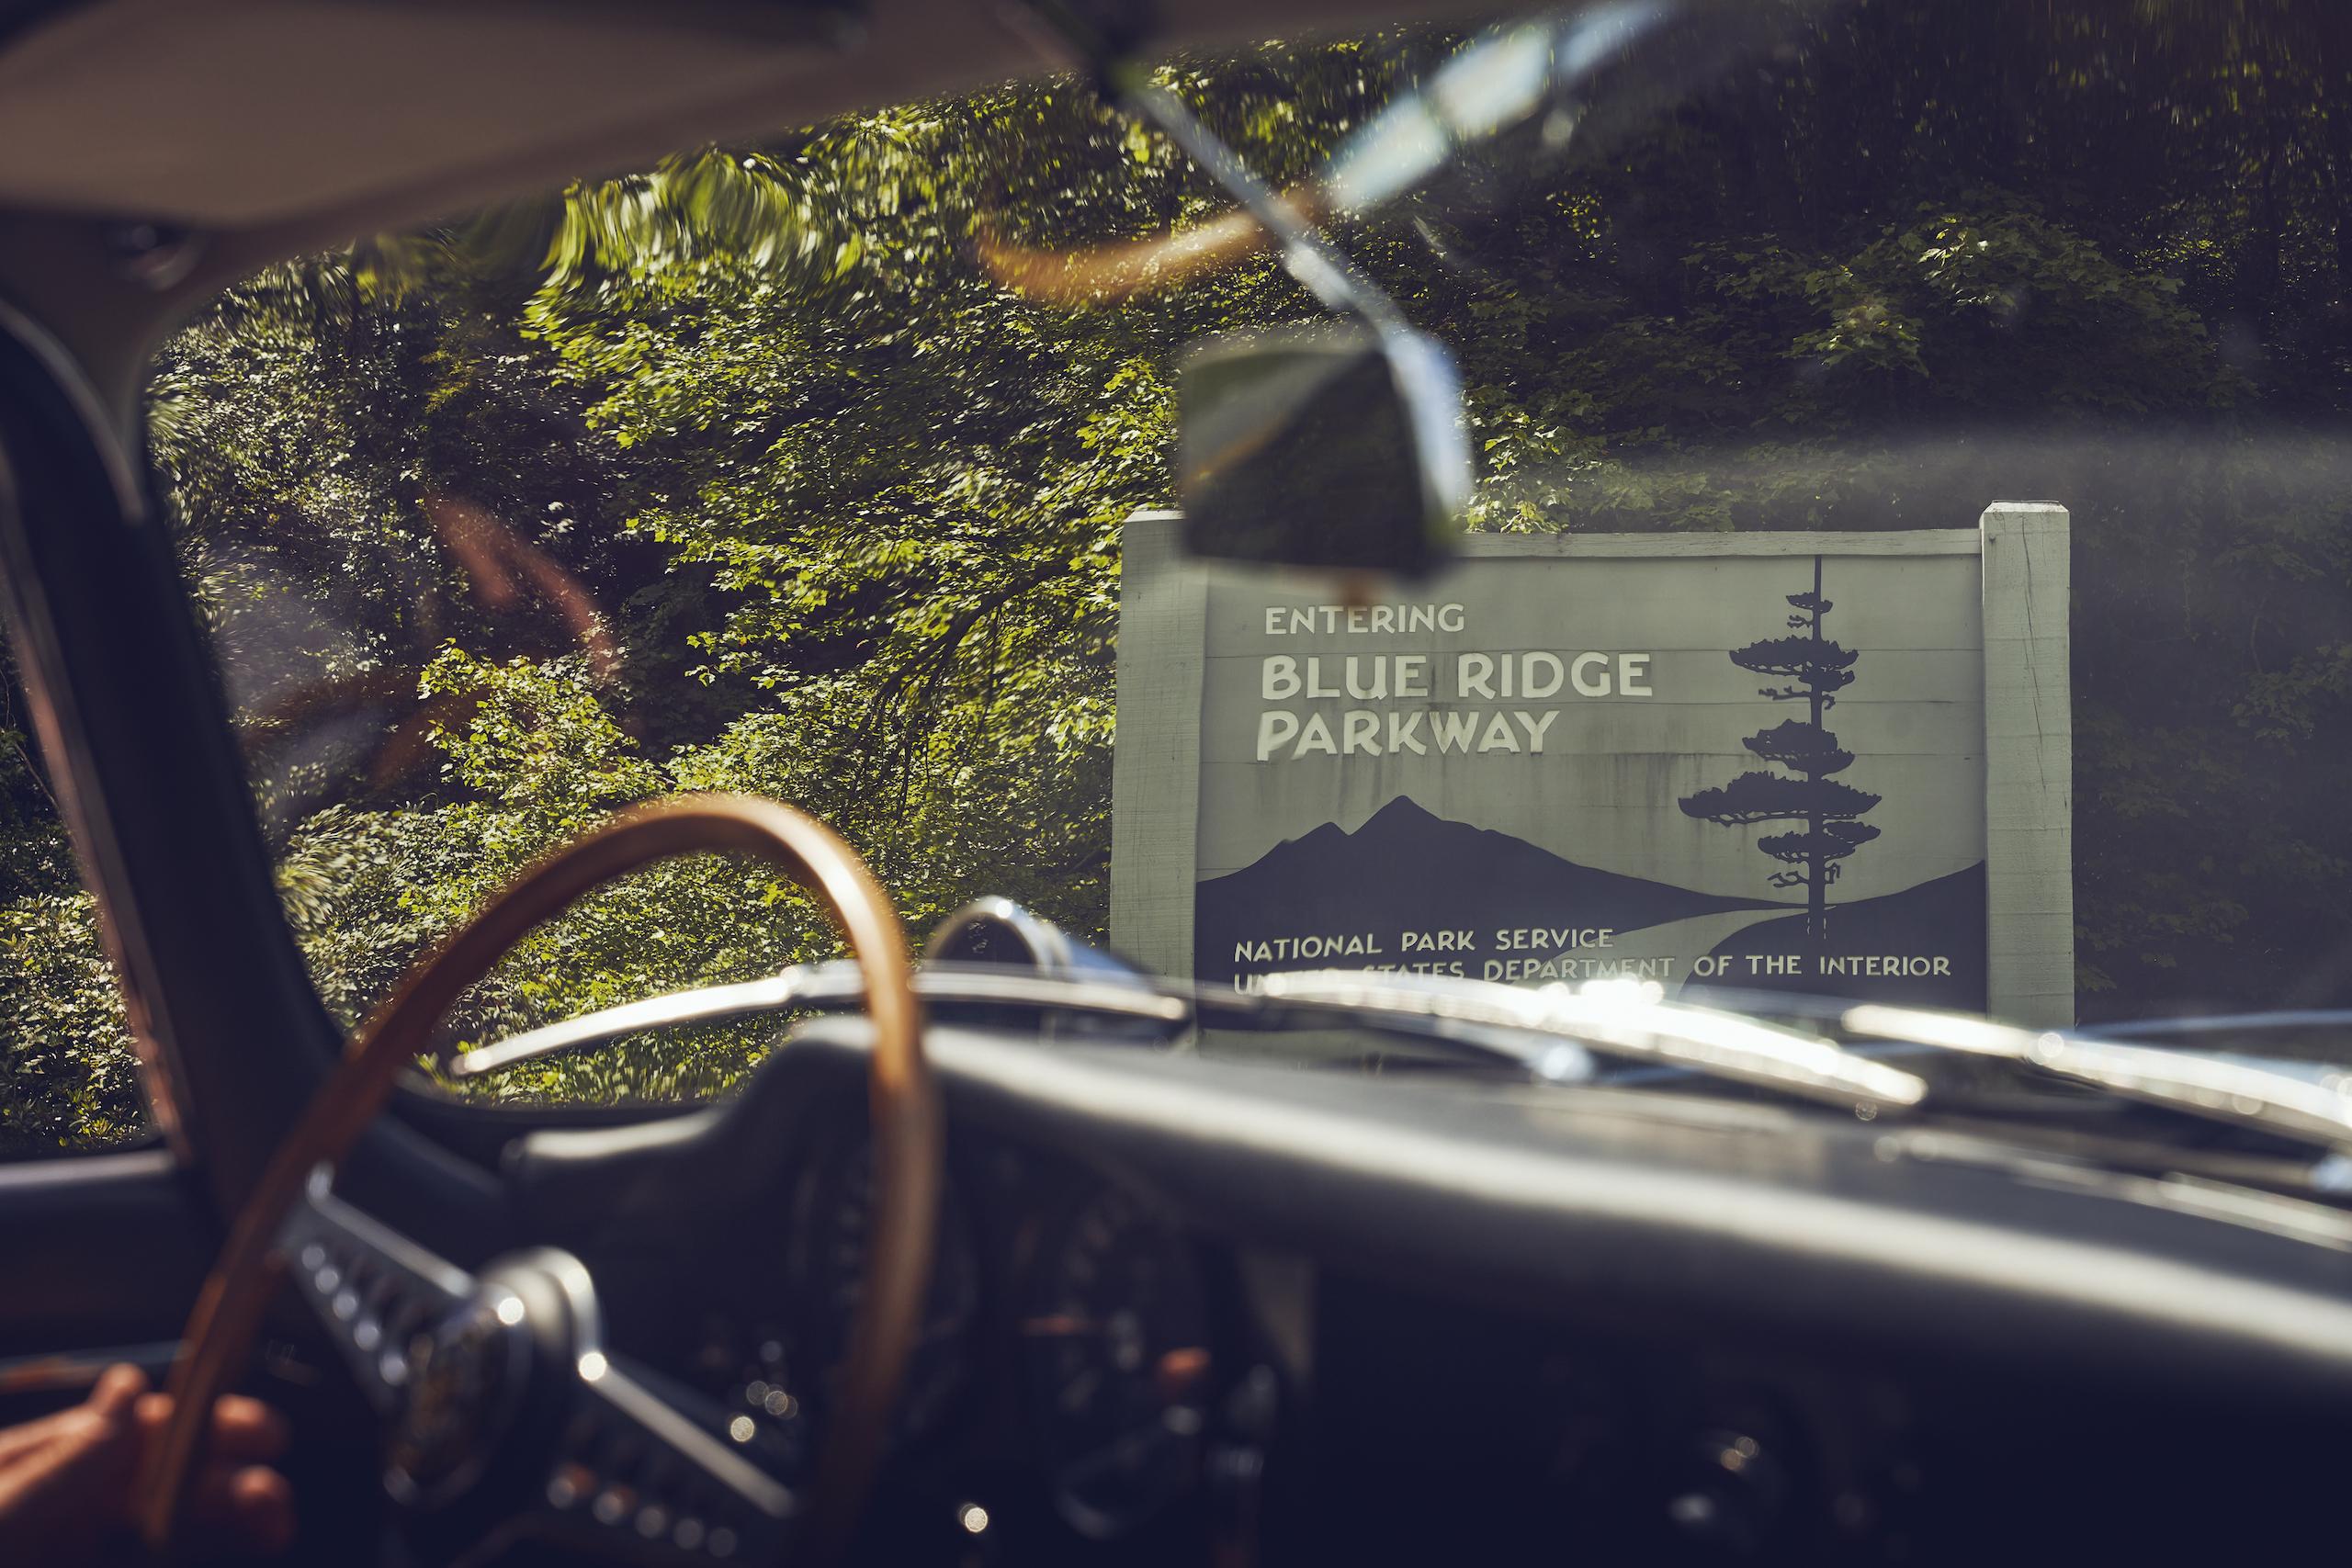 Jaguar E-Type blue ridge parkway entrance